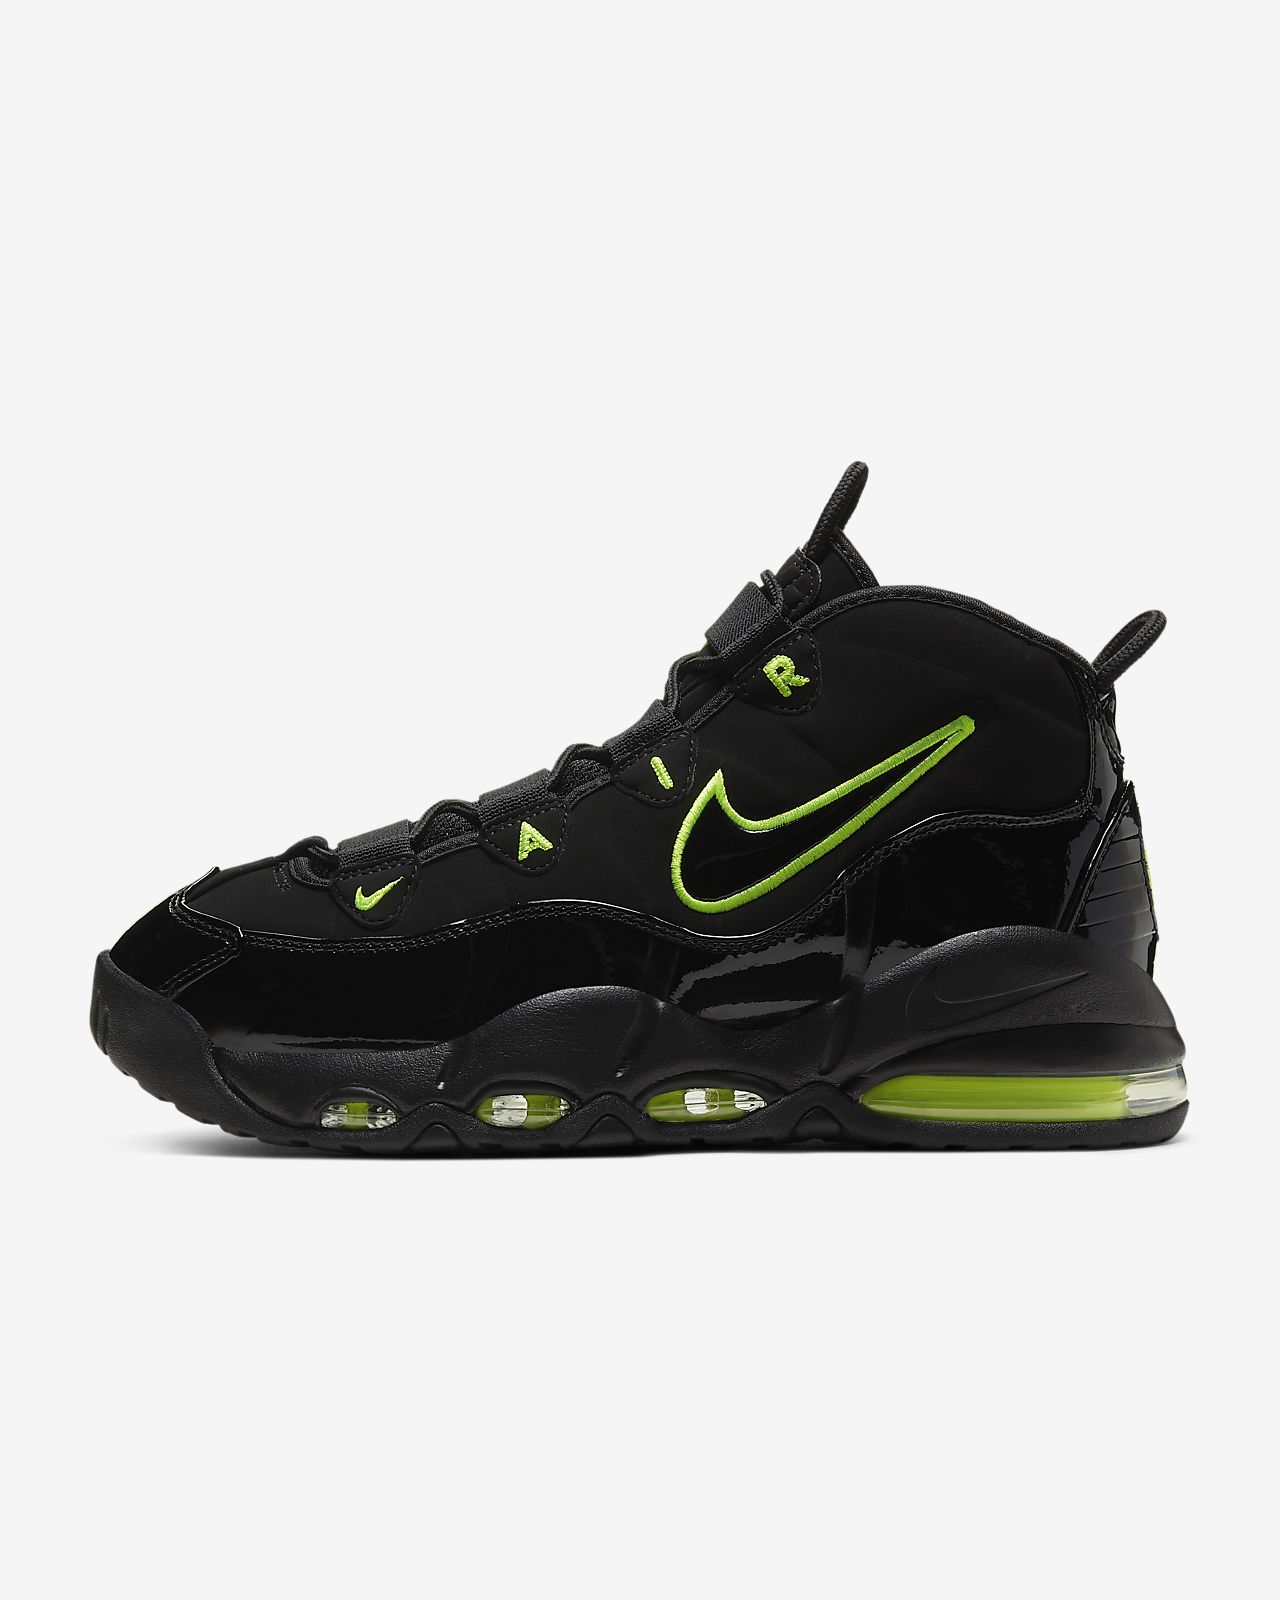 Sko Nike Air Max Uptempo '95 för män